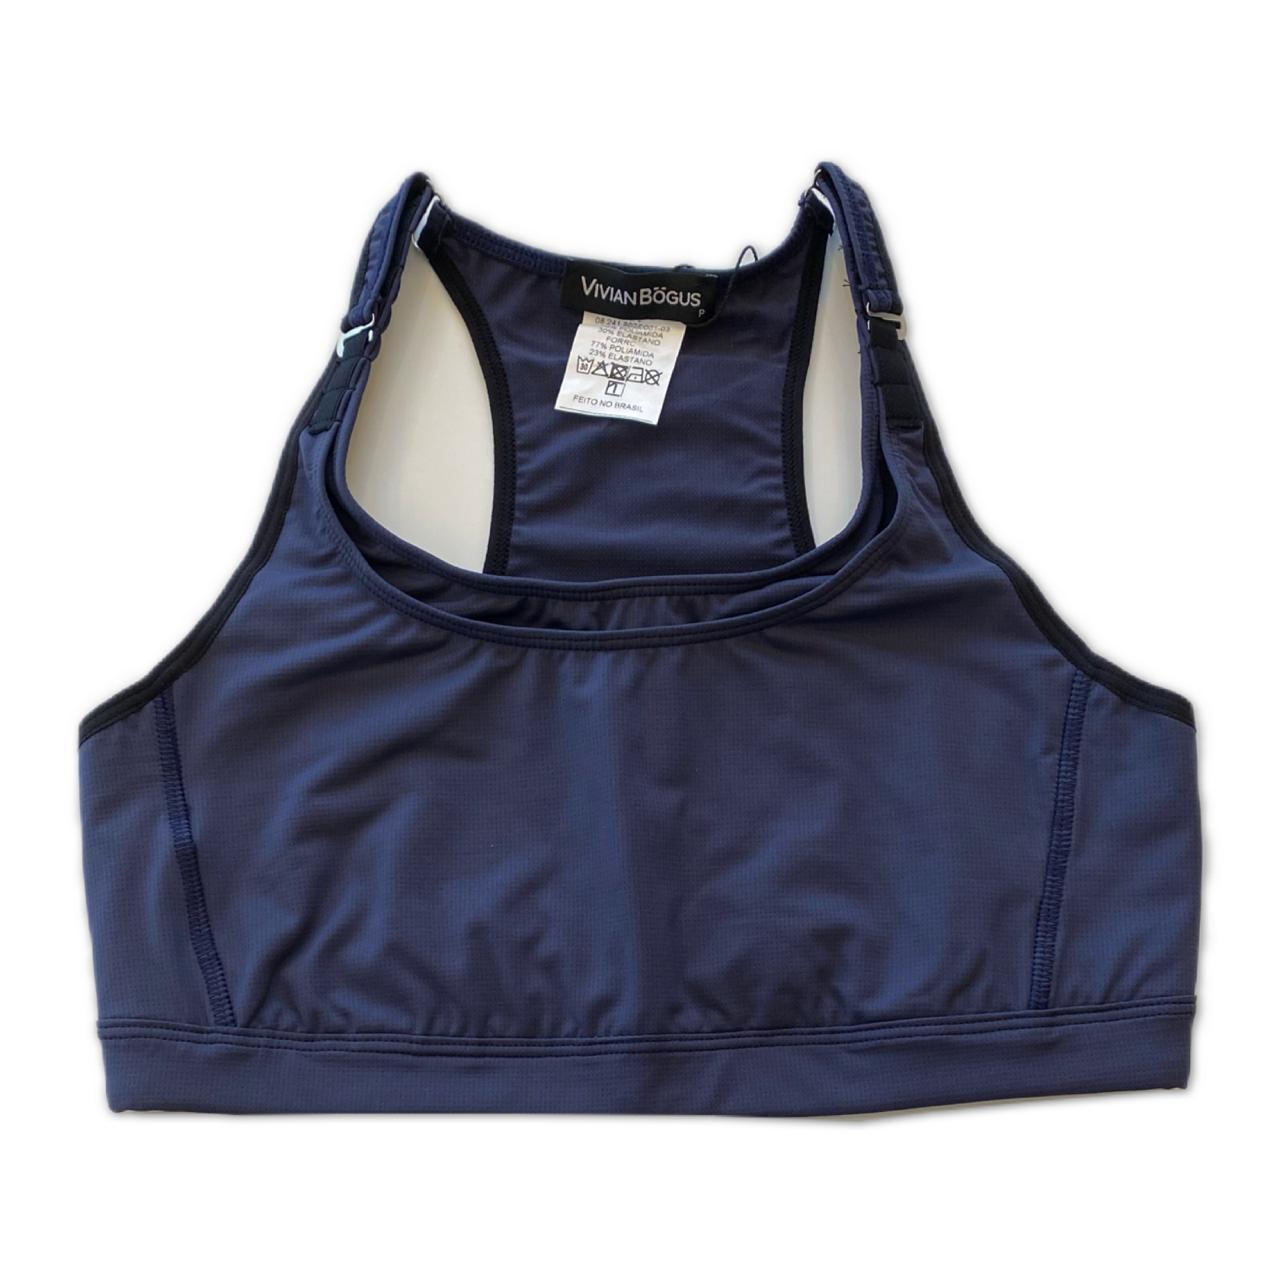 Top mil bolsos de compressão ajustável com bolsos frente e costas azul marinho  - Vivian Bógus